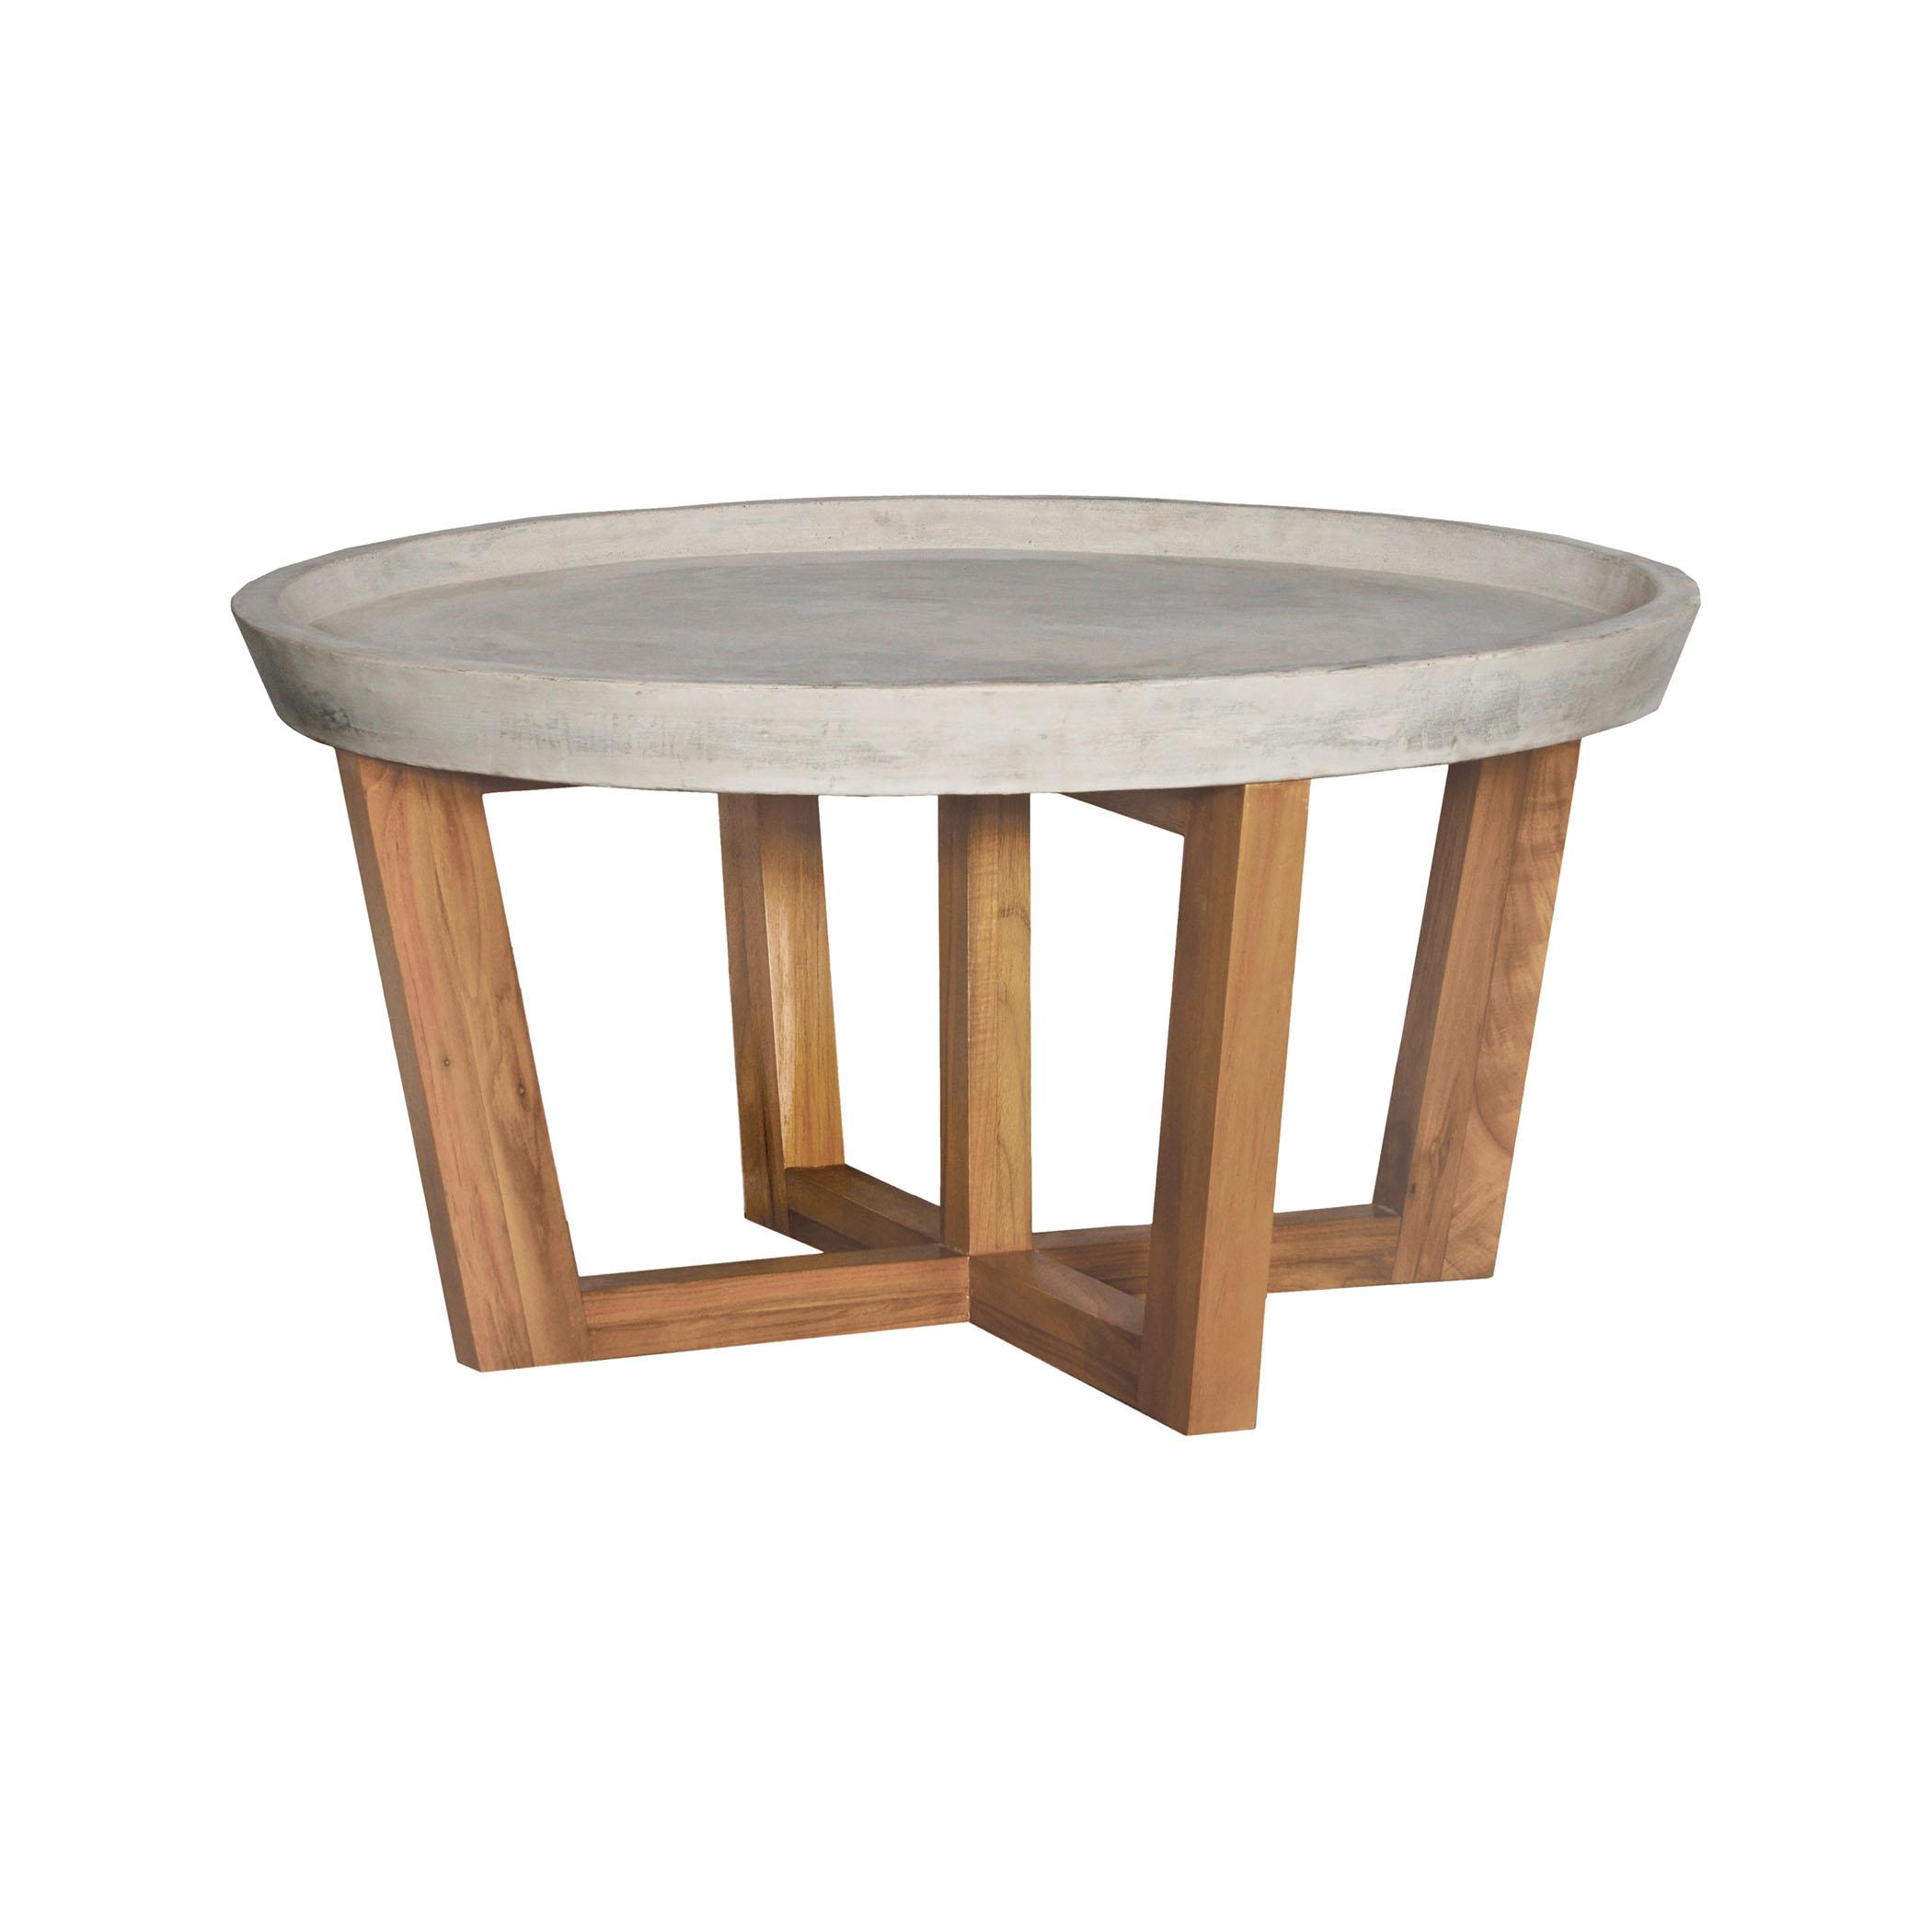 Round Concrete Cocktail Table 7117533ET | ELK Home